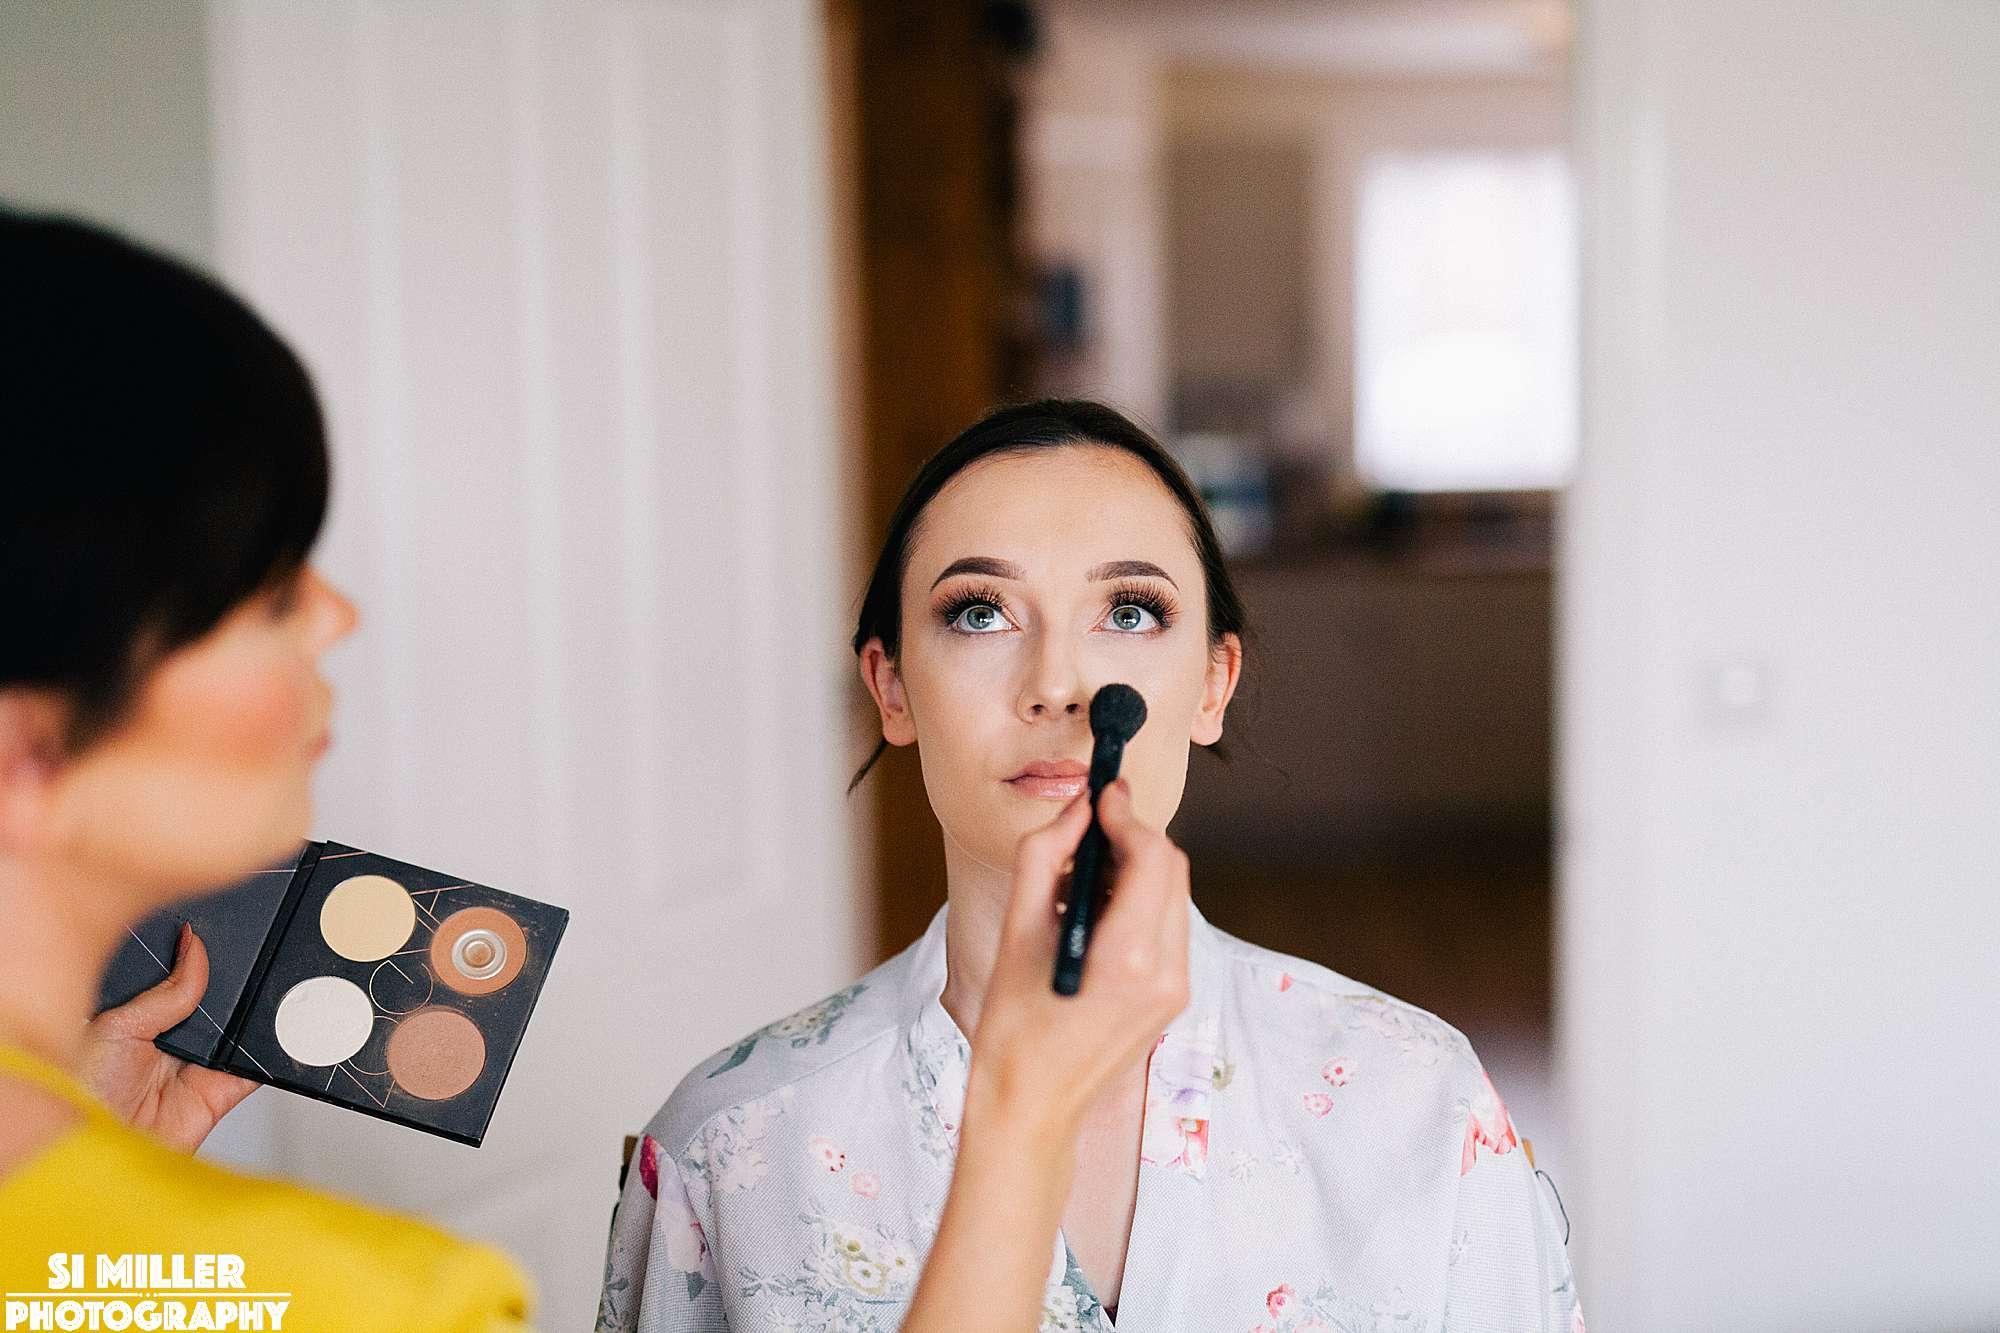 Makeup artist doing make up on bride